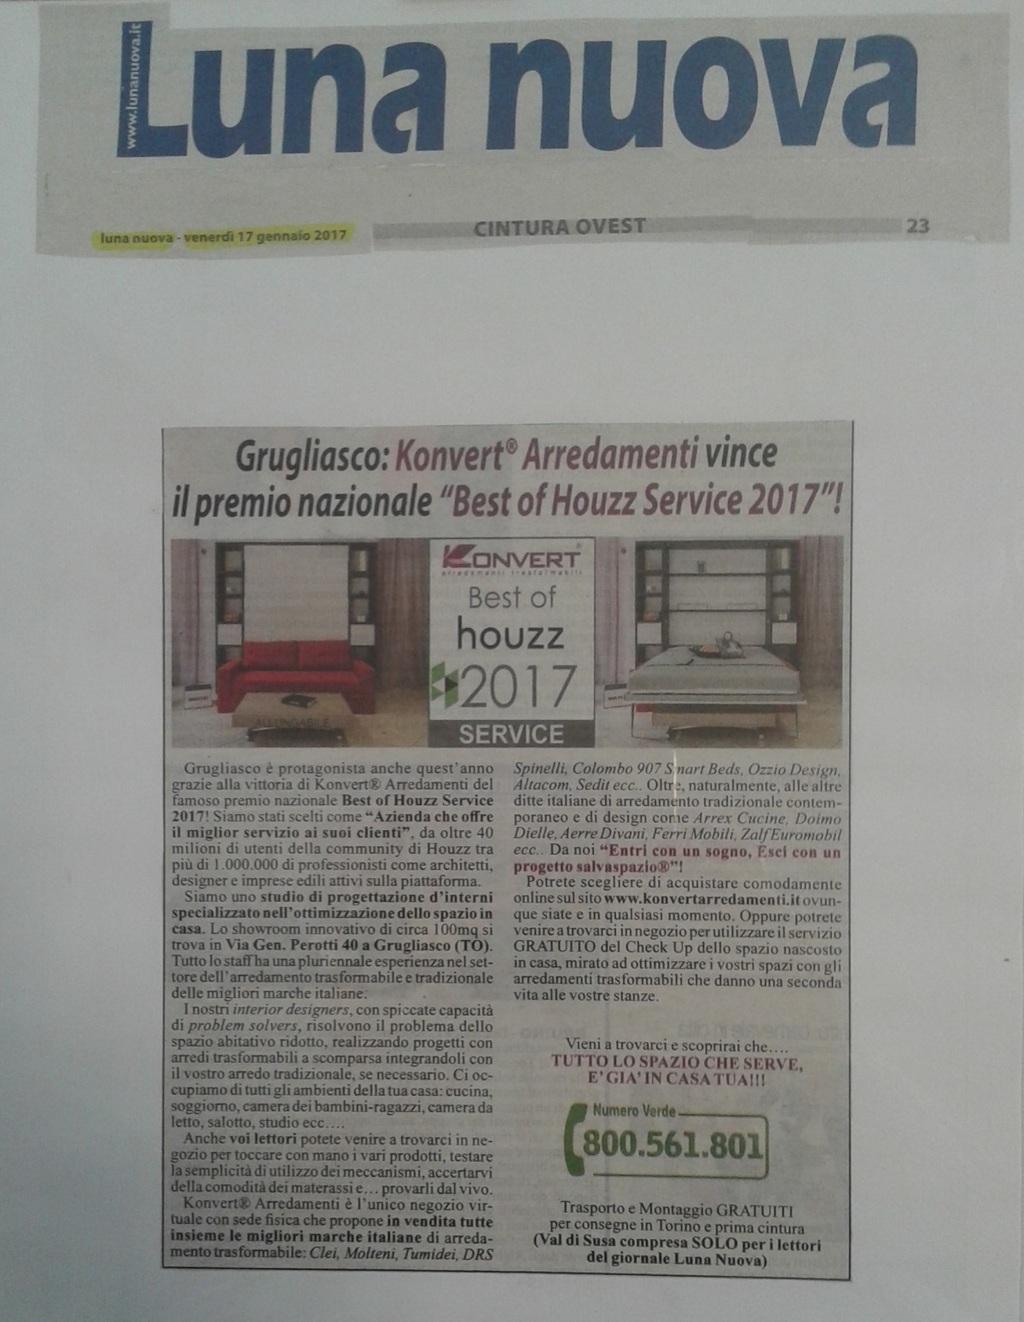 Redazionale di Konvert sul giornale Luna Nuova